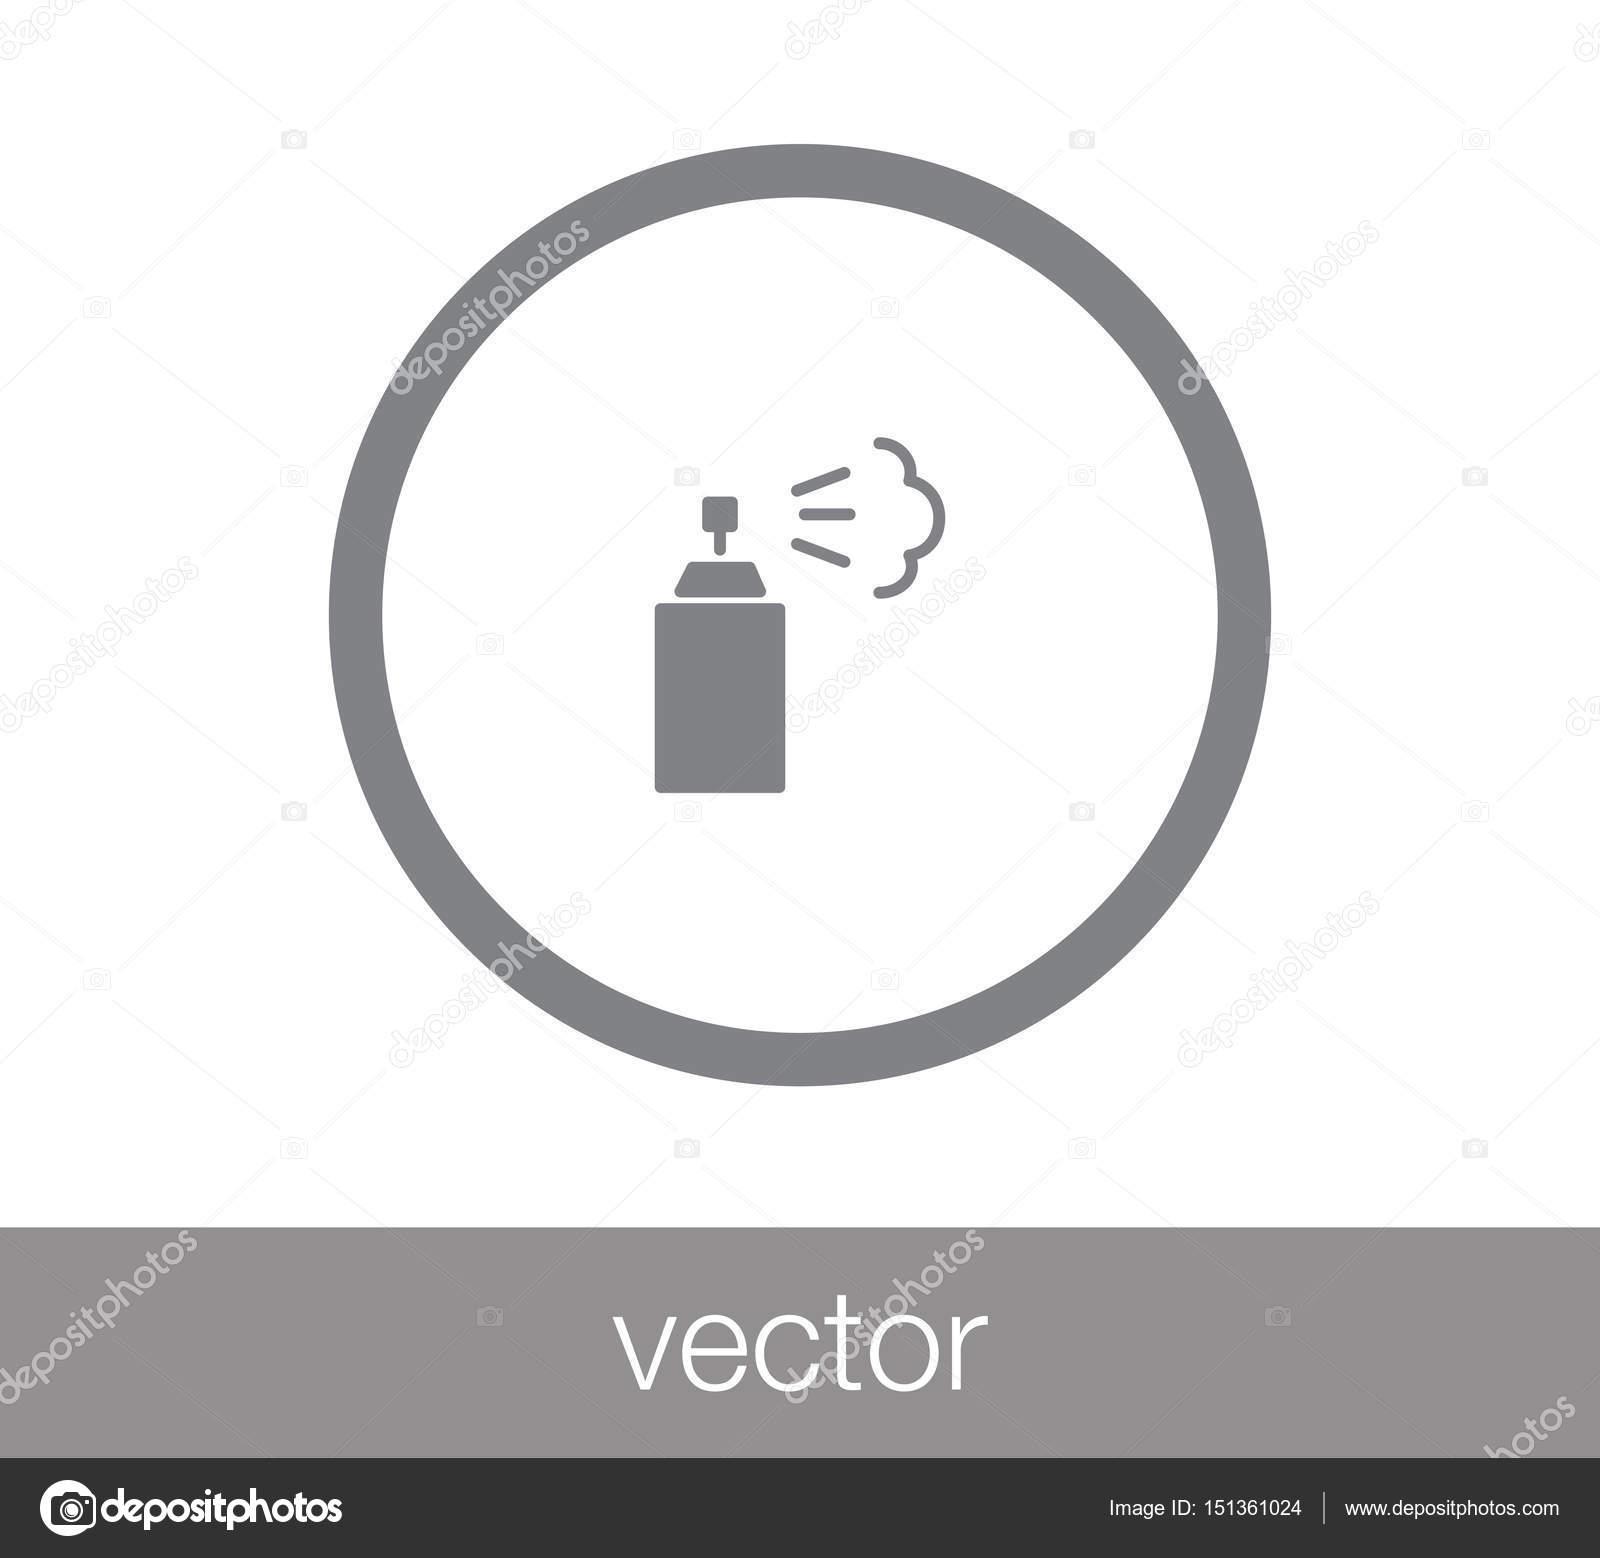 Spray tool icon stock vector signsandsymbolsemail 151361024 vector illustration of spray tool icon vector by signsandsymbolsemail biocorpaavc